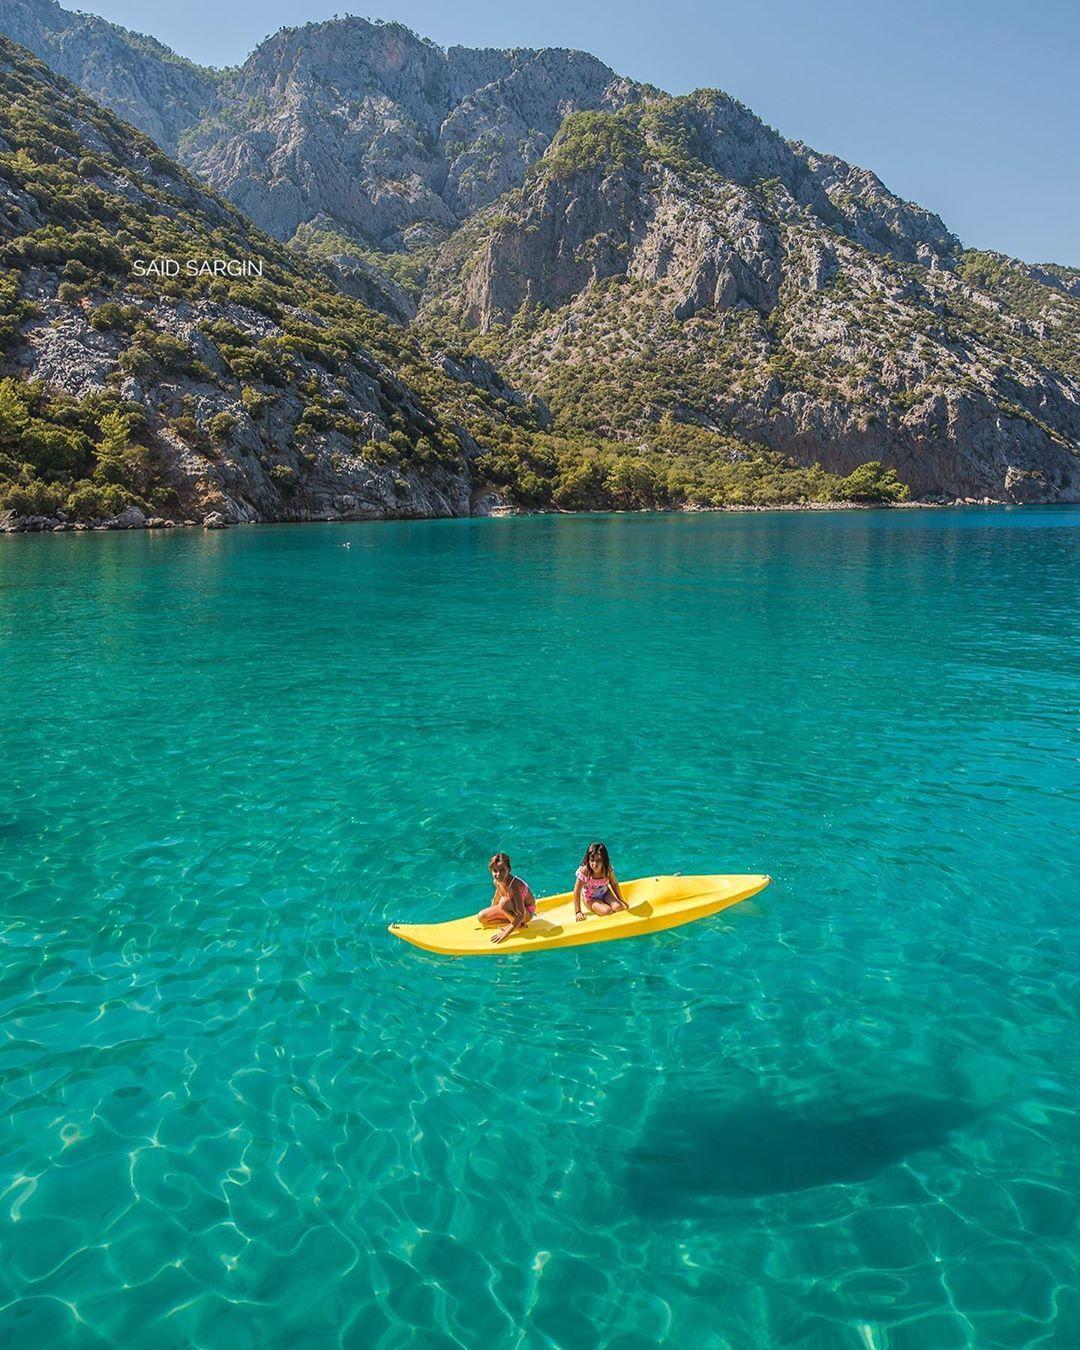 Bu Sicaklarda Olmak Istedigim Yer Adrasan Sazak Koyu Buraya Adrasan Dan Kalkan Gunubirlik Tekne Turlari Ile Gidebilirsiniz Surfboard Travel